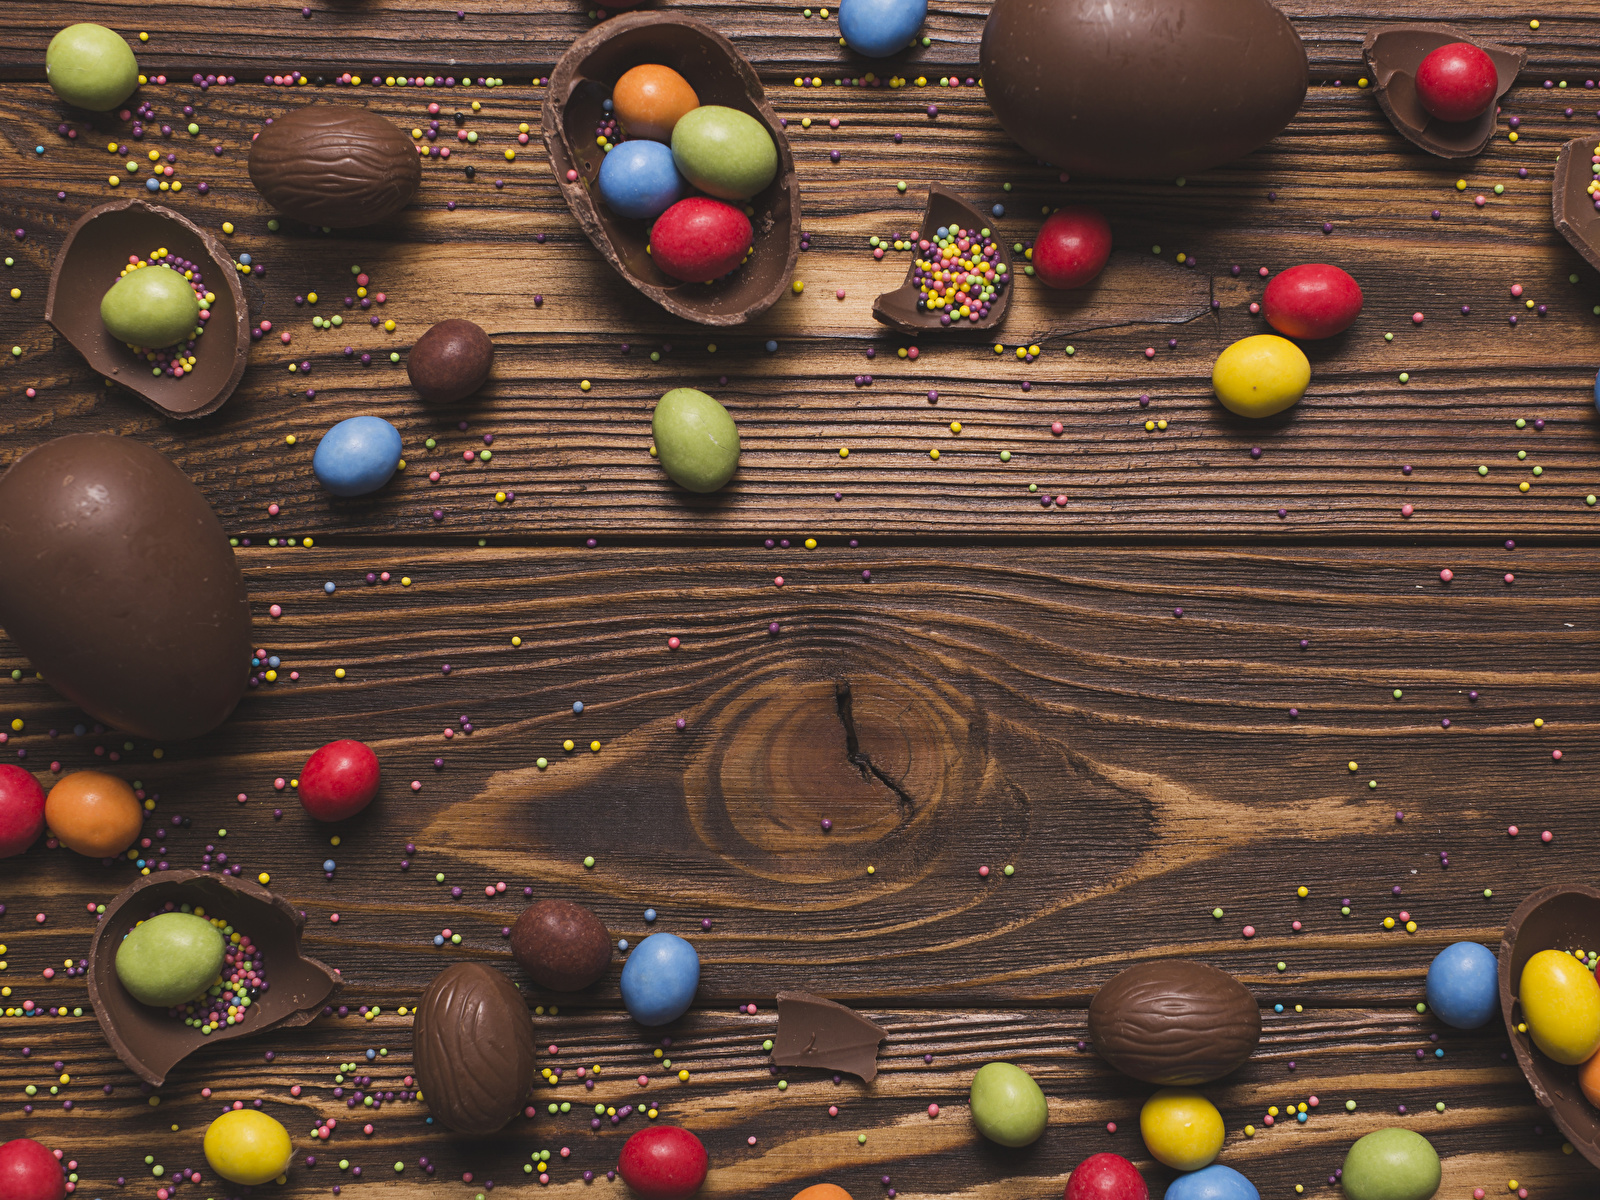 Фотографии Пасха Яйца Шоколад Конфеты Еда Сладости Доски 1600x1200 яиц яйцо яйцами Пища Продукты питания сладкая еда